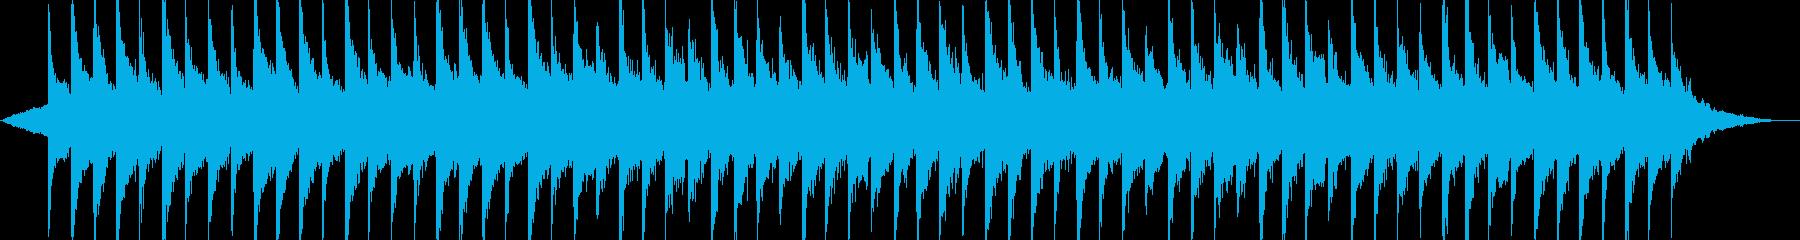 ゆったり-風景-ドローン-Vlog-PVの再生済みの波形